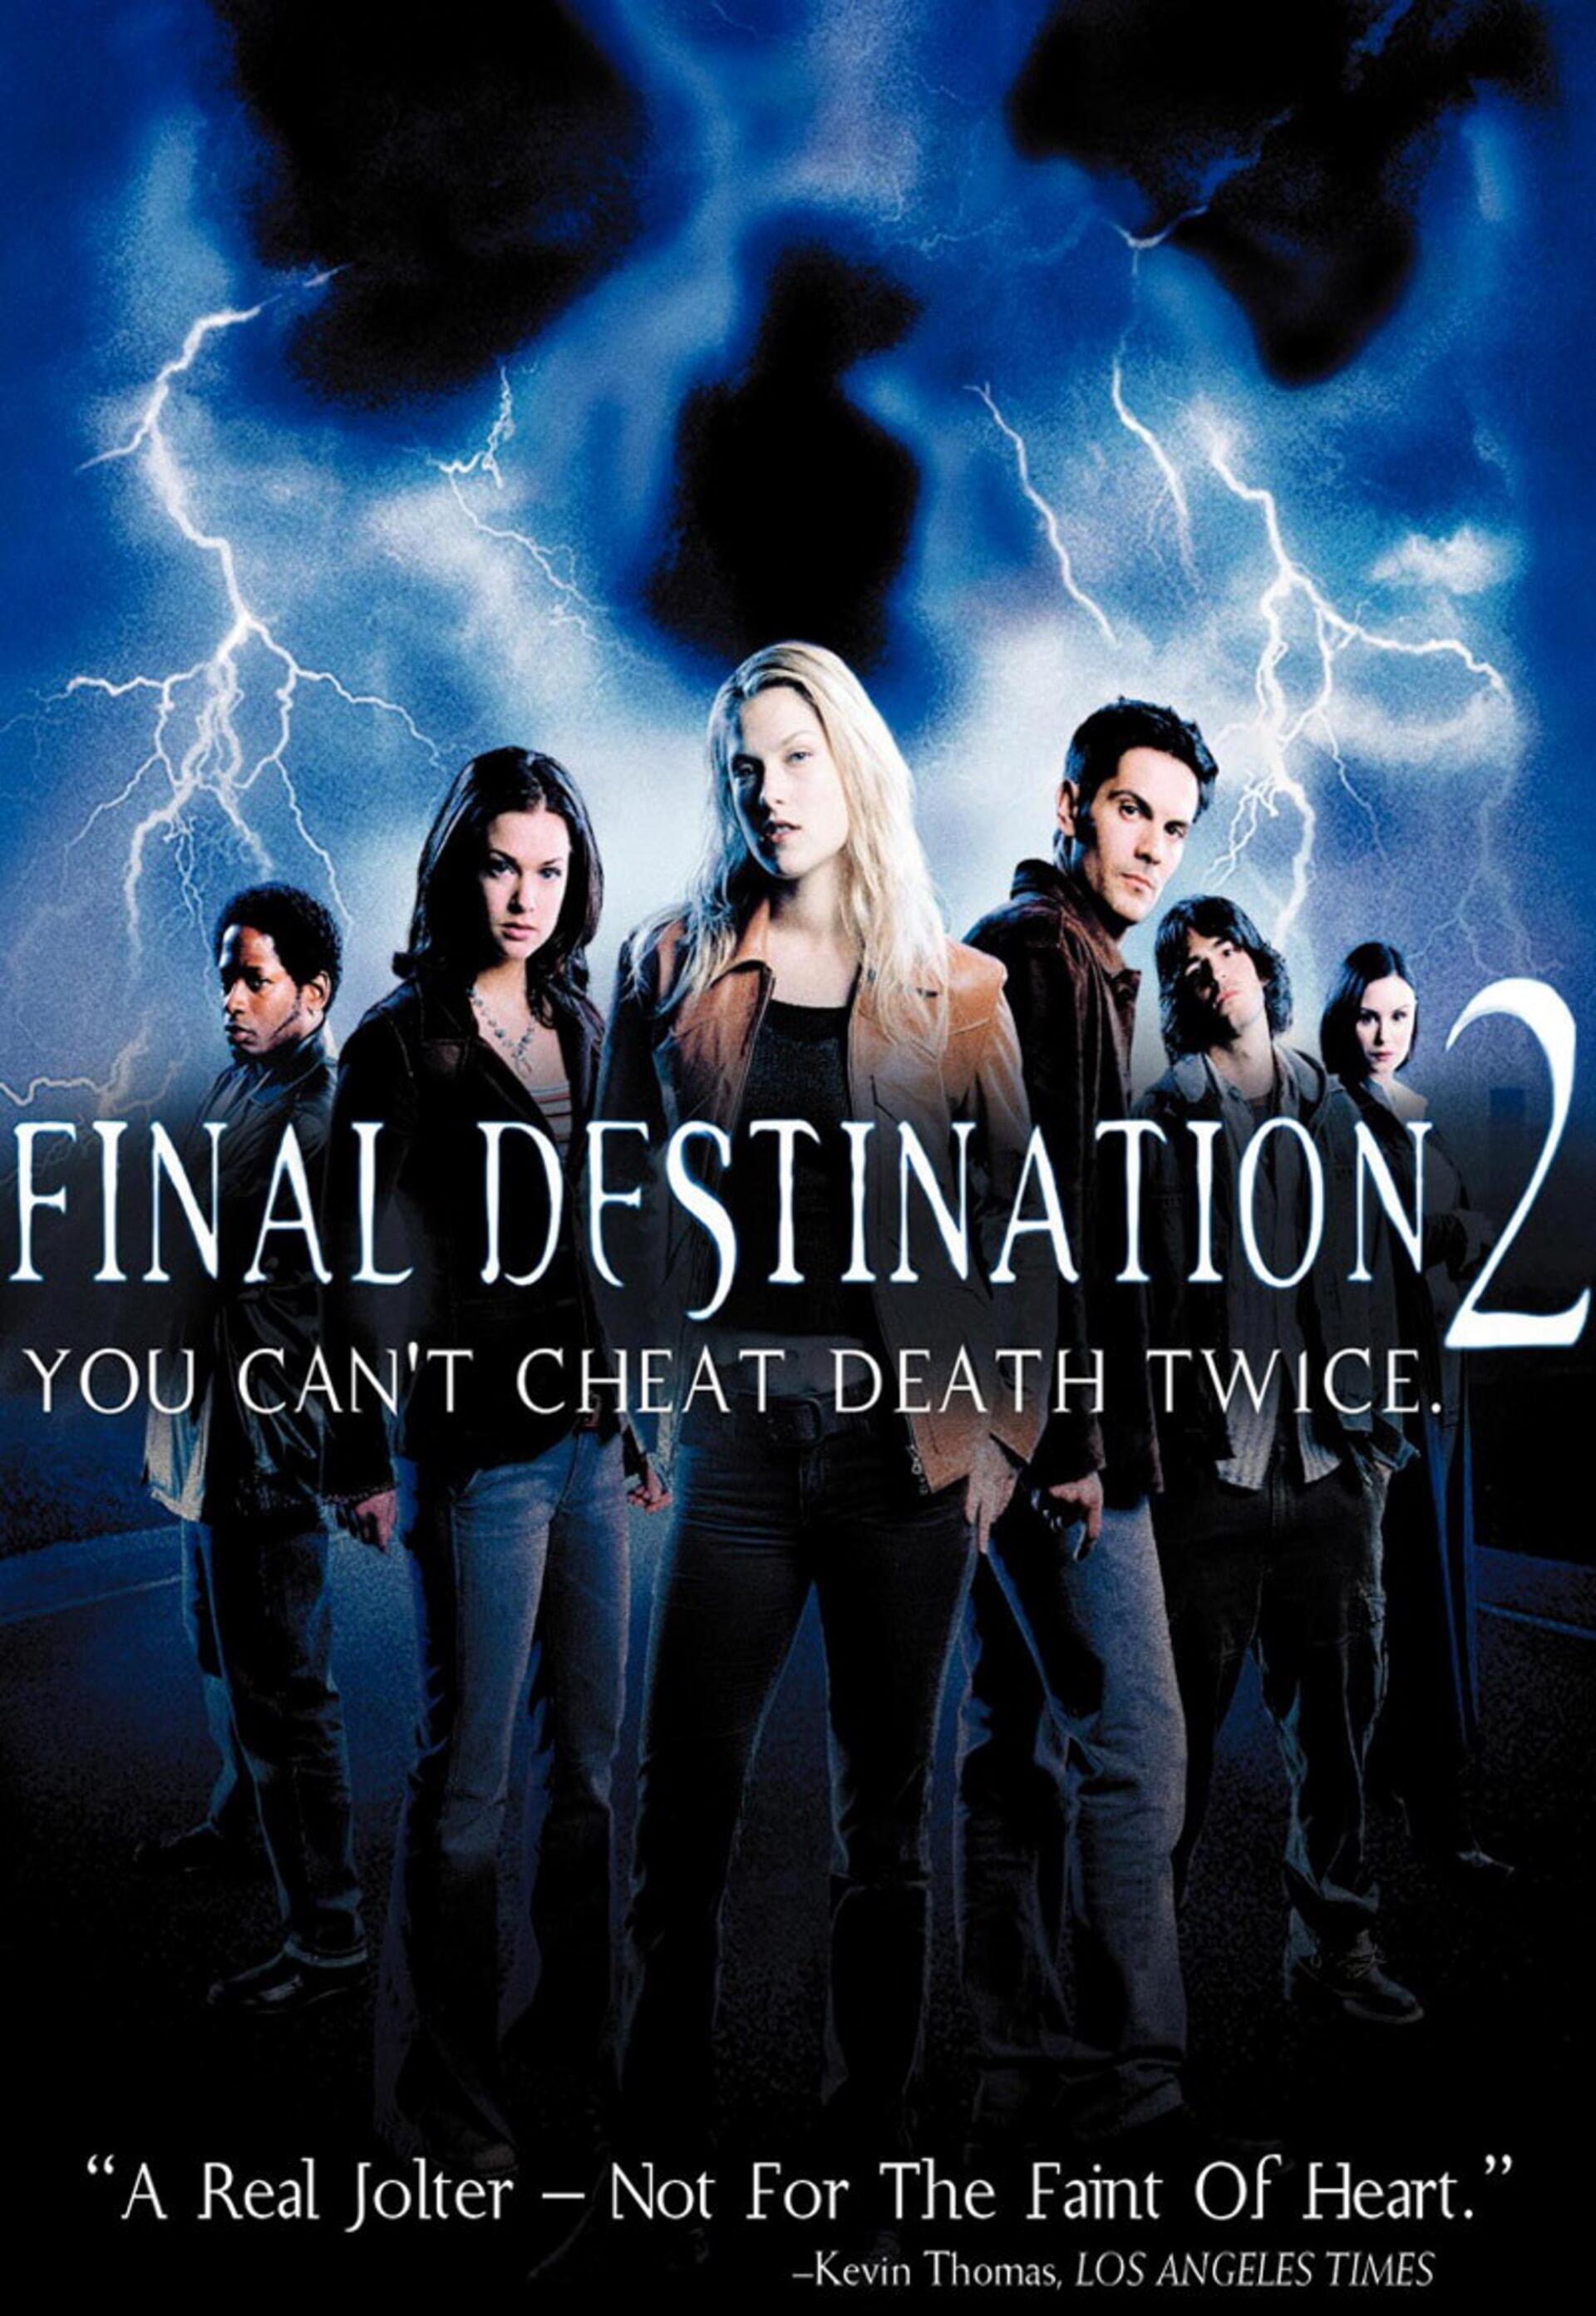 Final Destination 2 - Poster 2